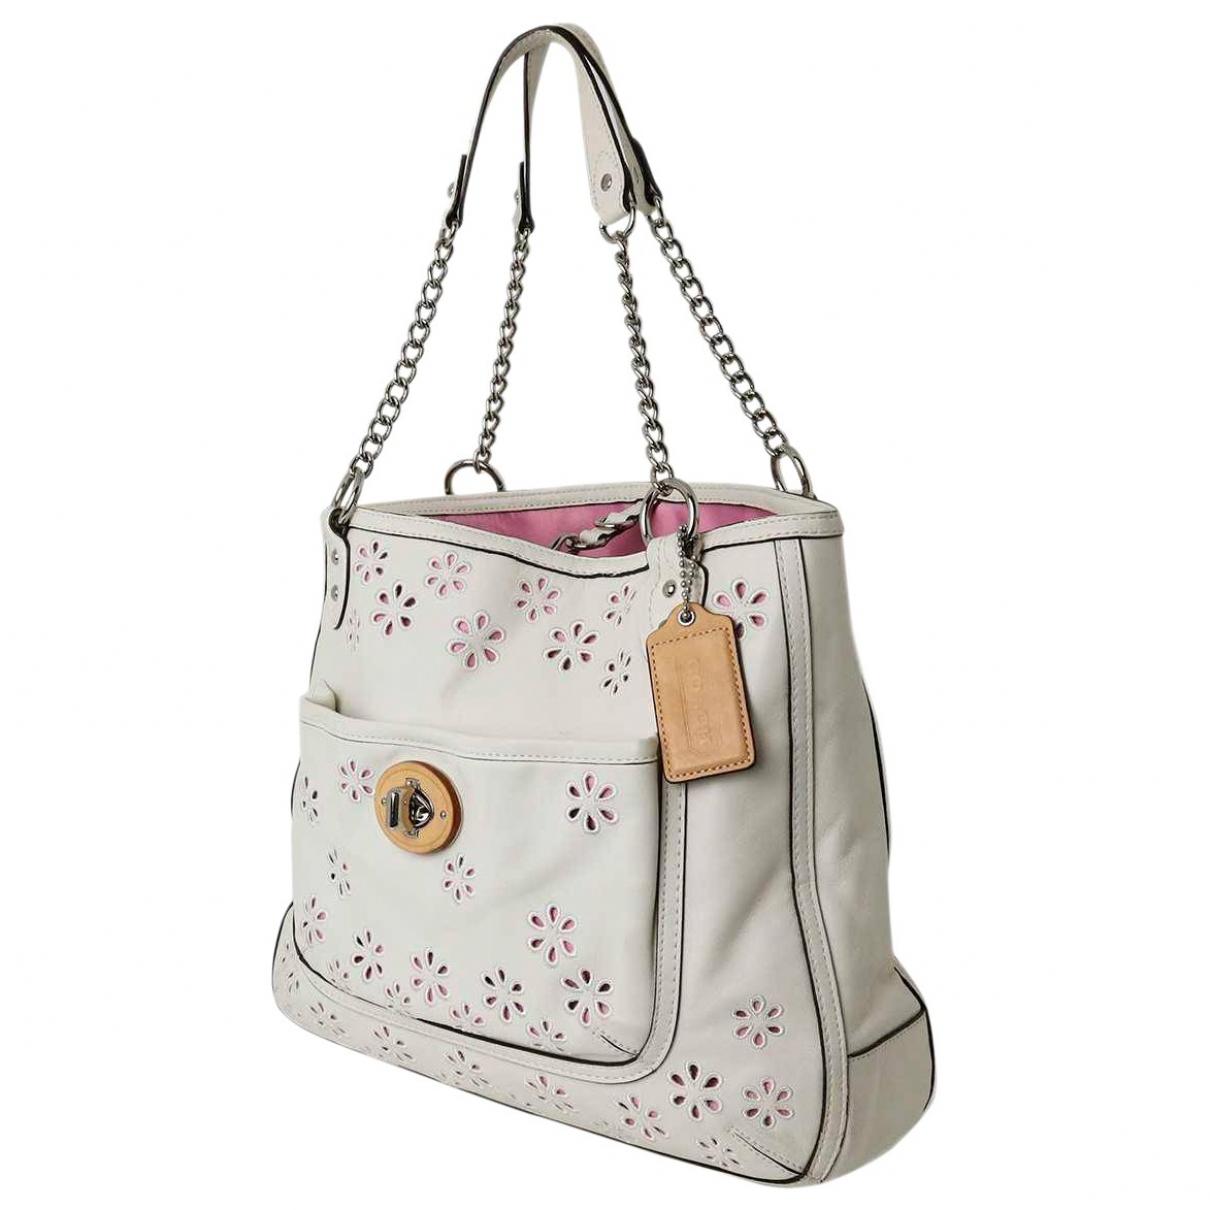 Coach \N Ecru Leather handbag for Women \N